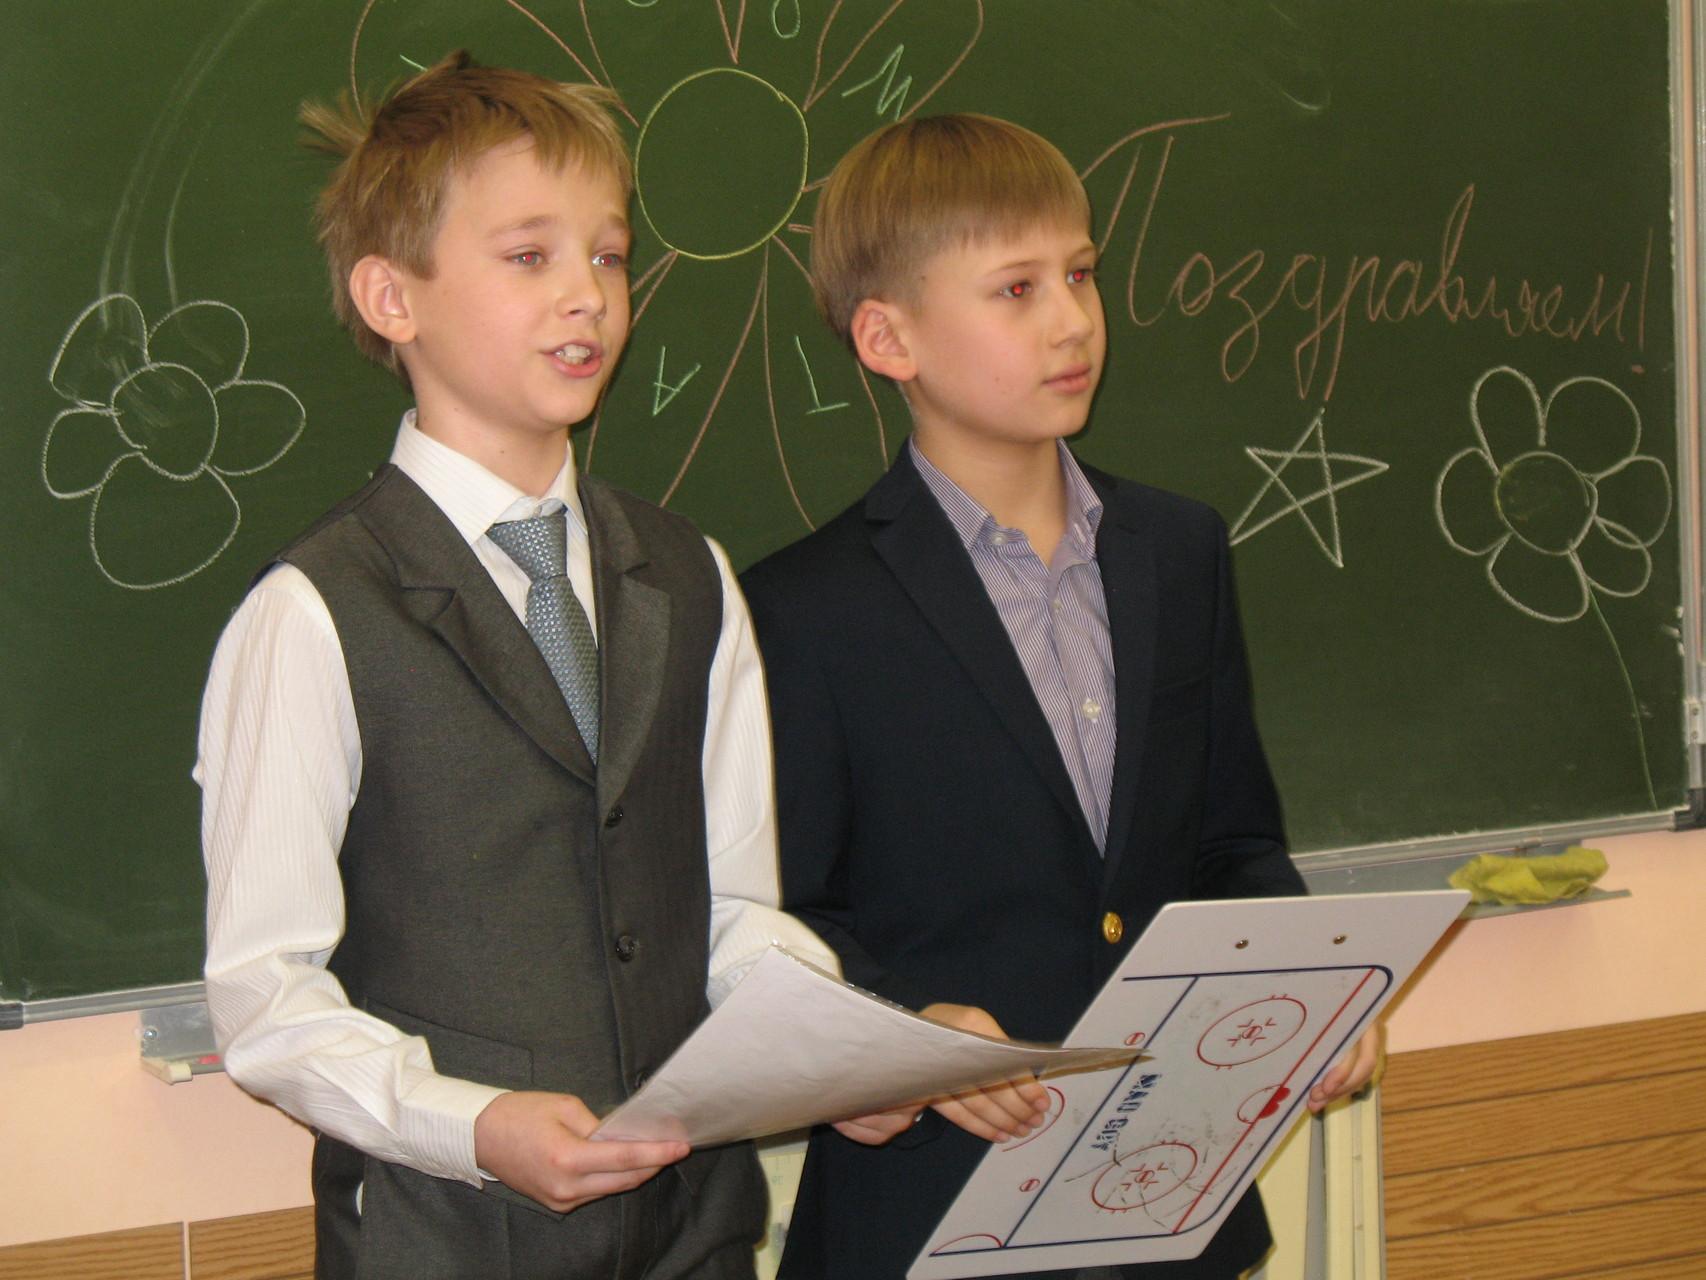 Ведущие праздника - Малахов Артем и Проничкин Никита